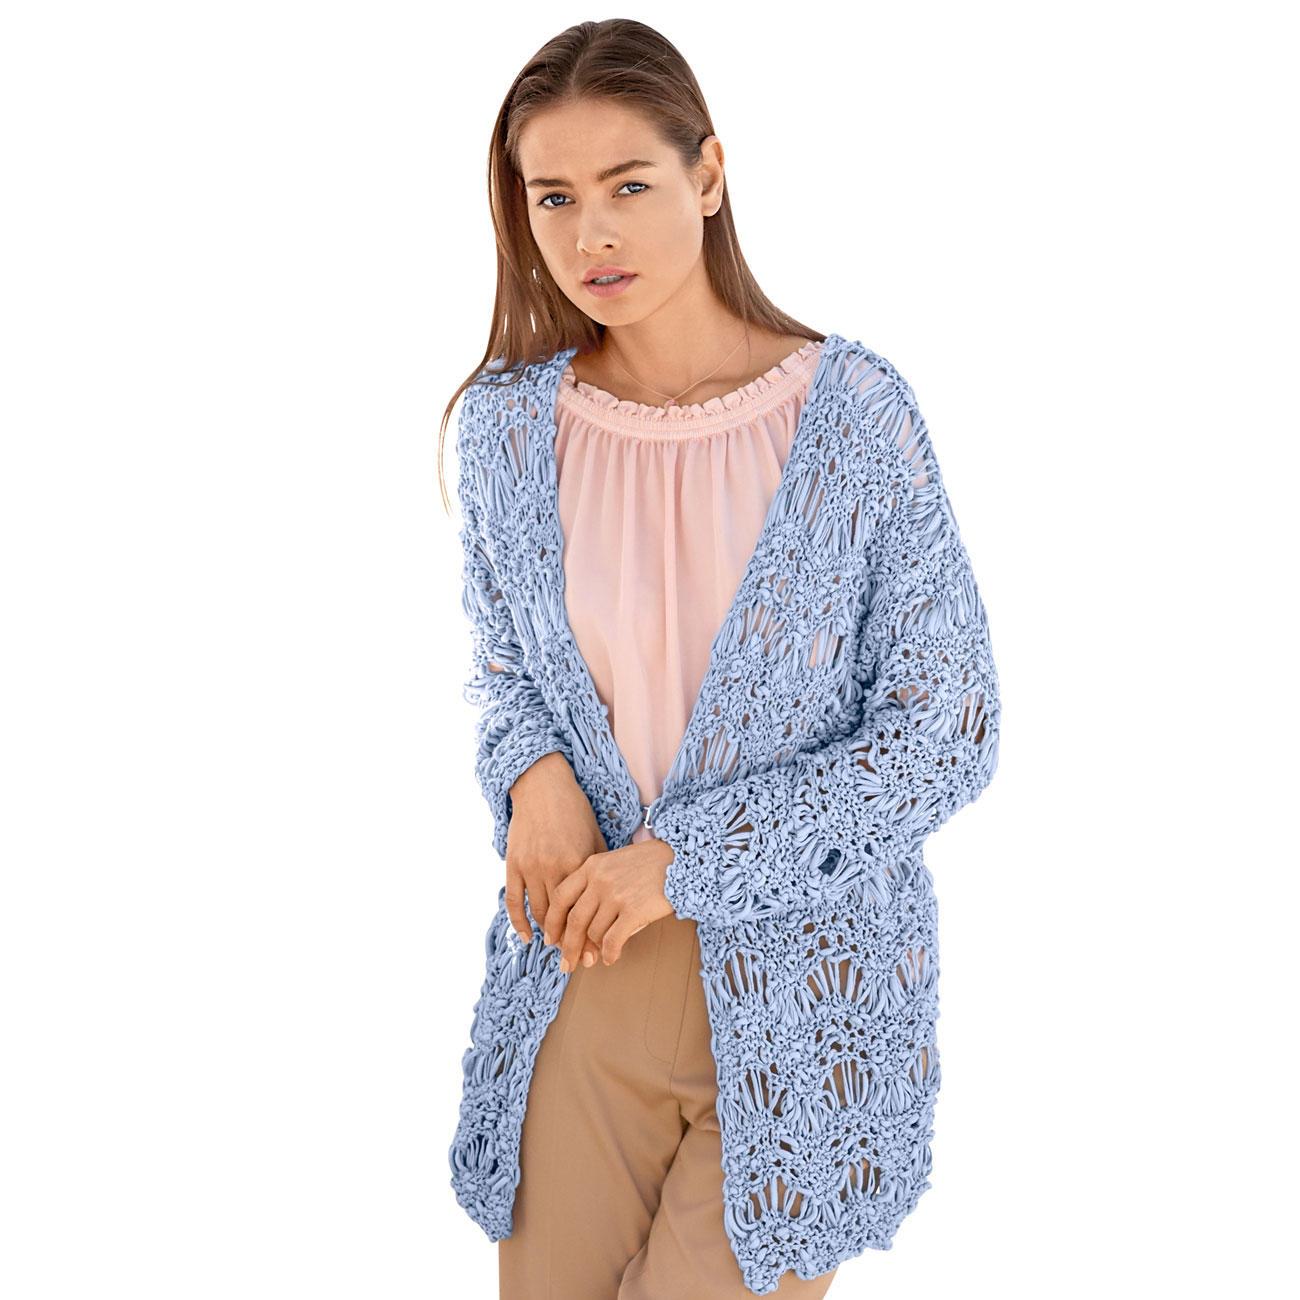 Anleitung 1168 Damen Jacke Aus Cotton Style Von Lana Grossa 1